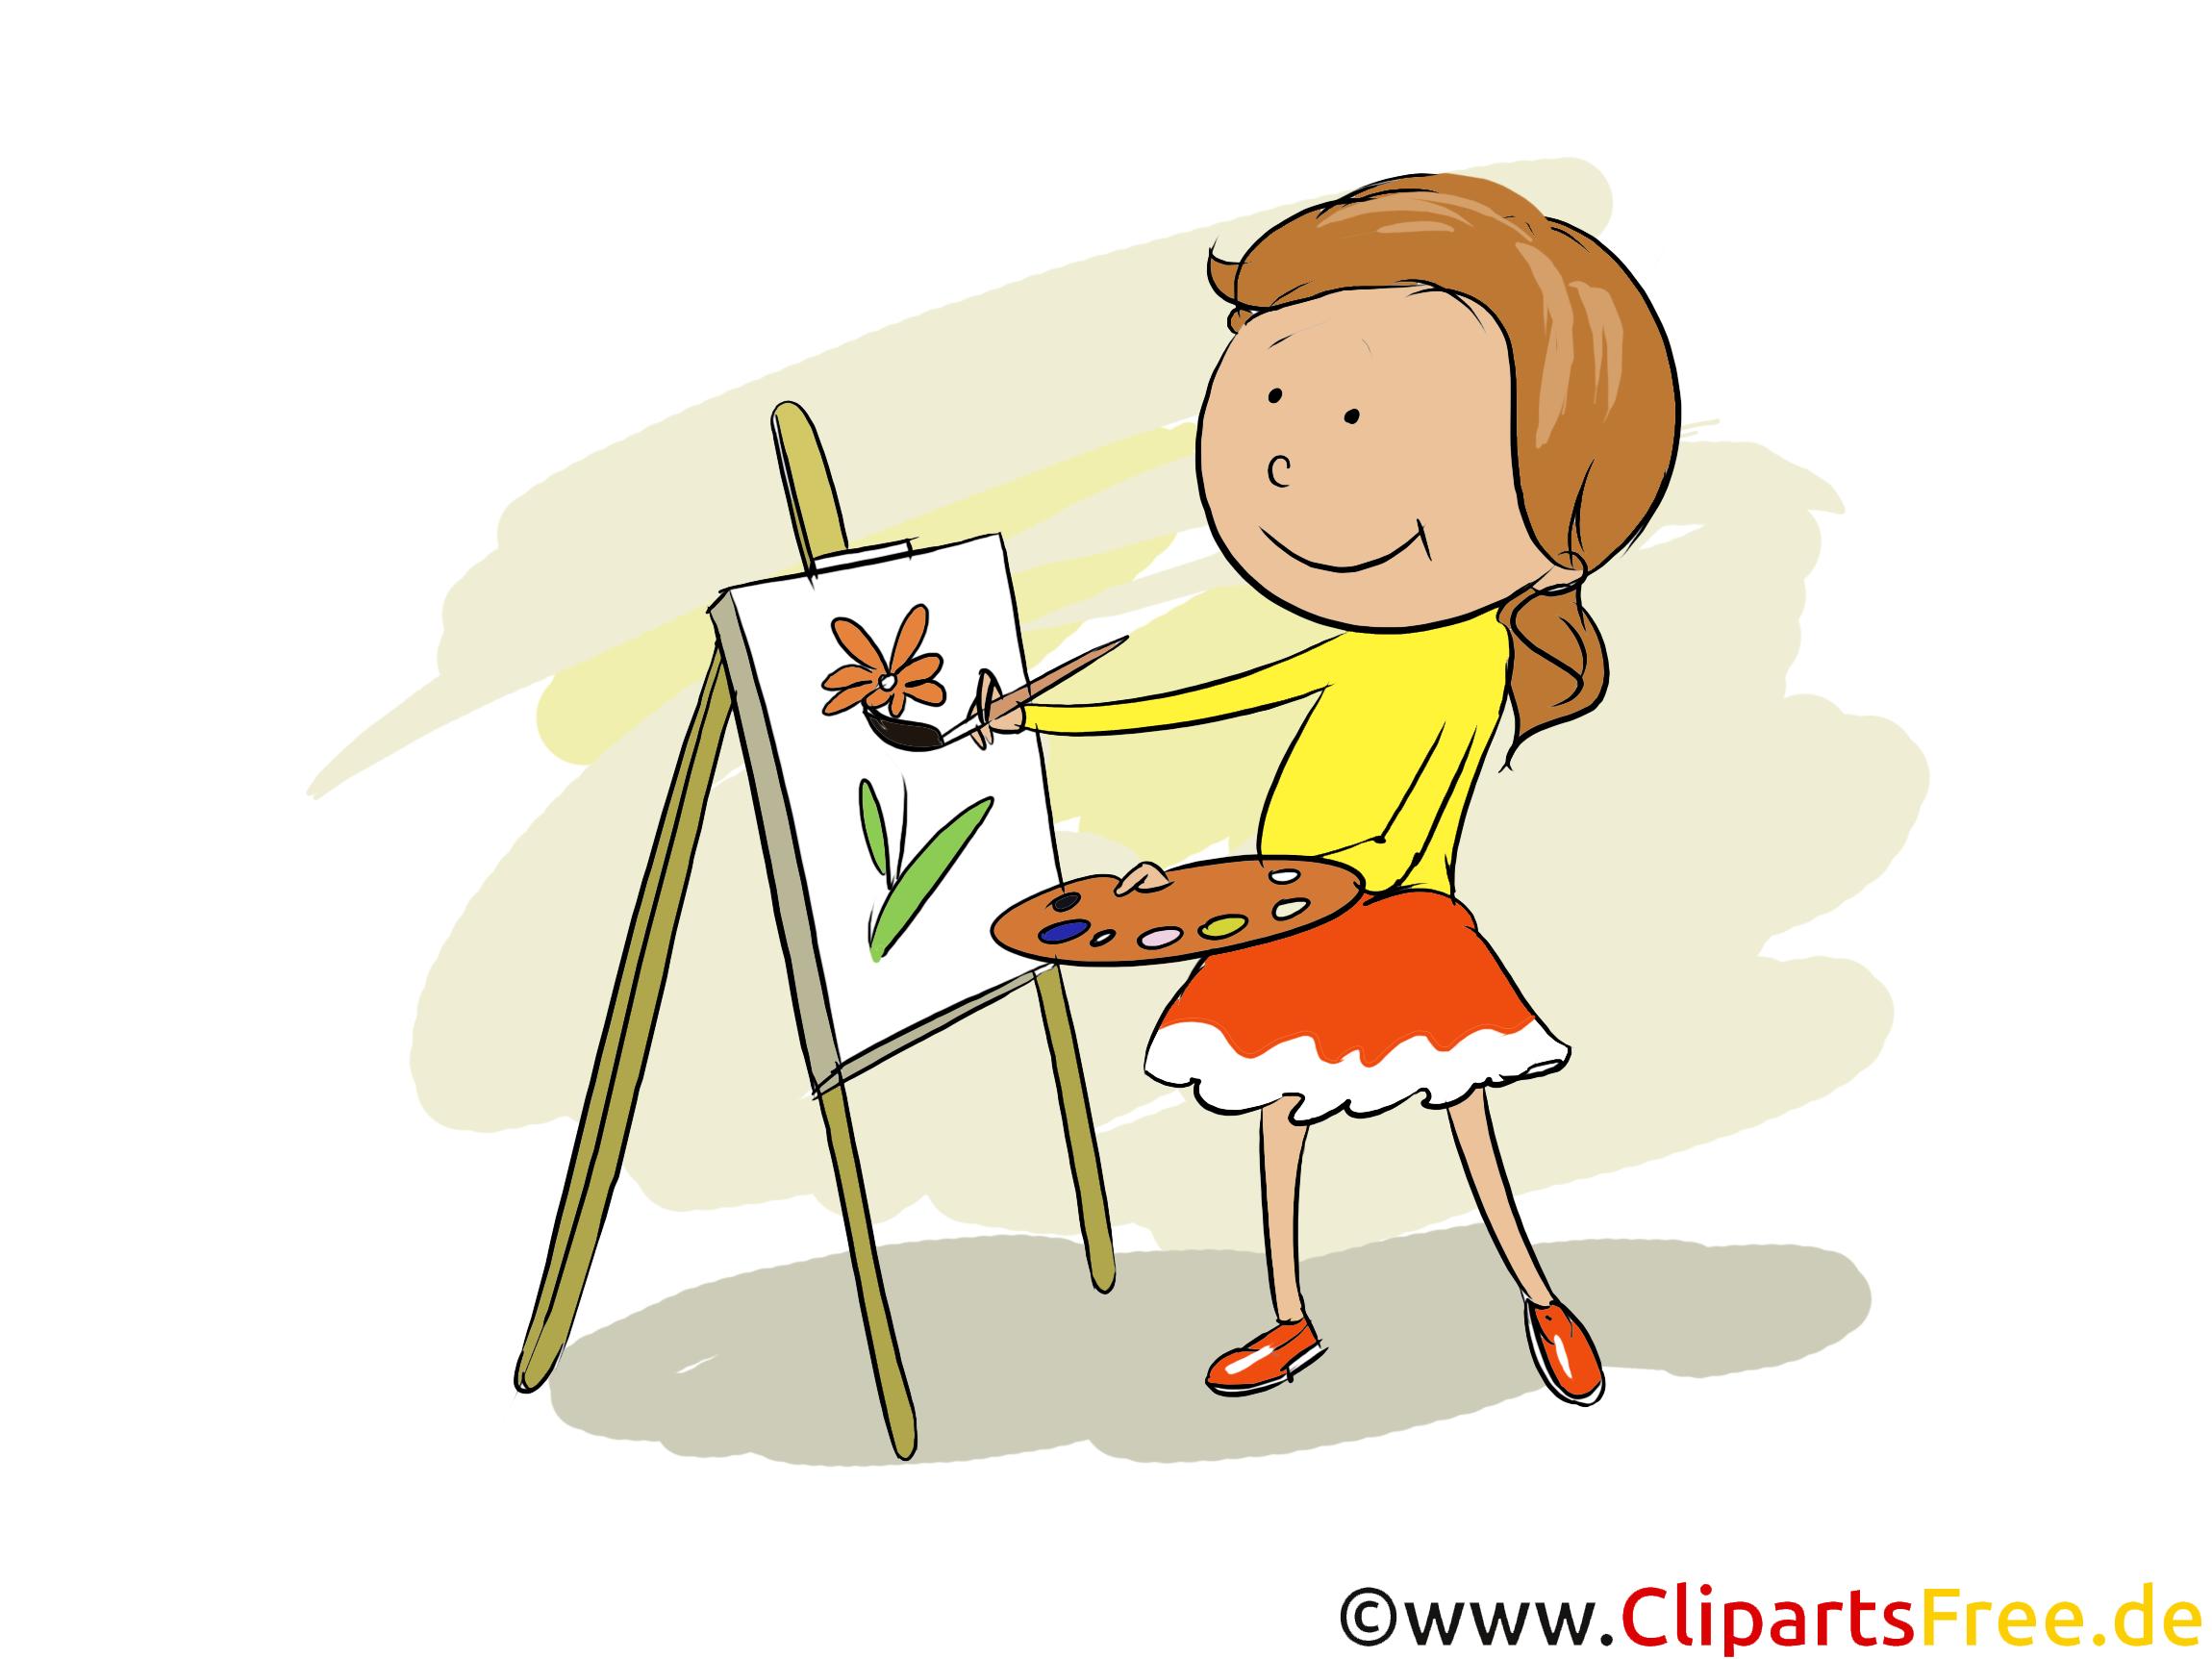 Mädchen malt im Kunstunterricht - Tagesablauf Bilder für Schule